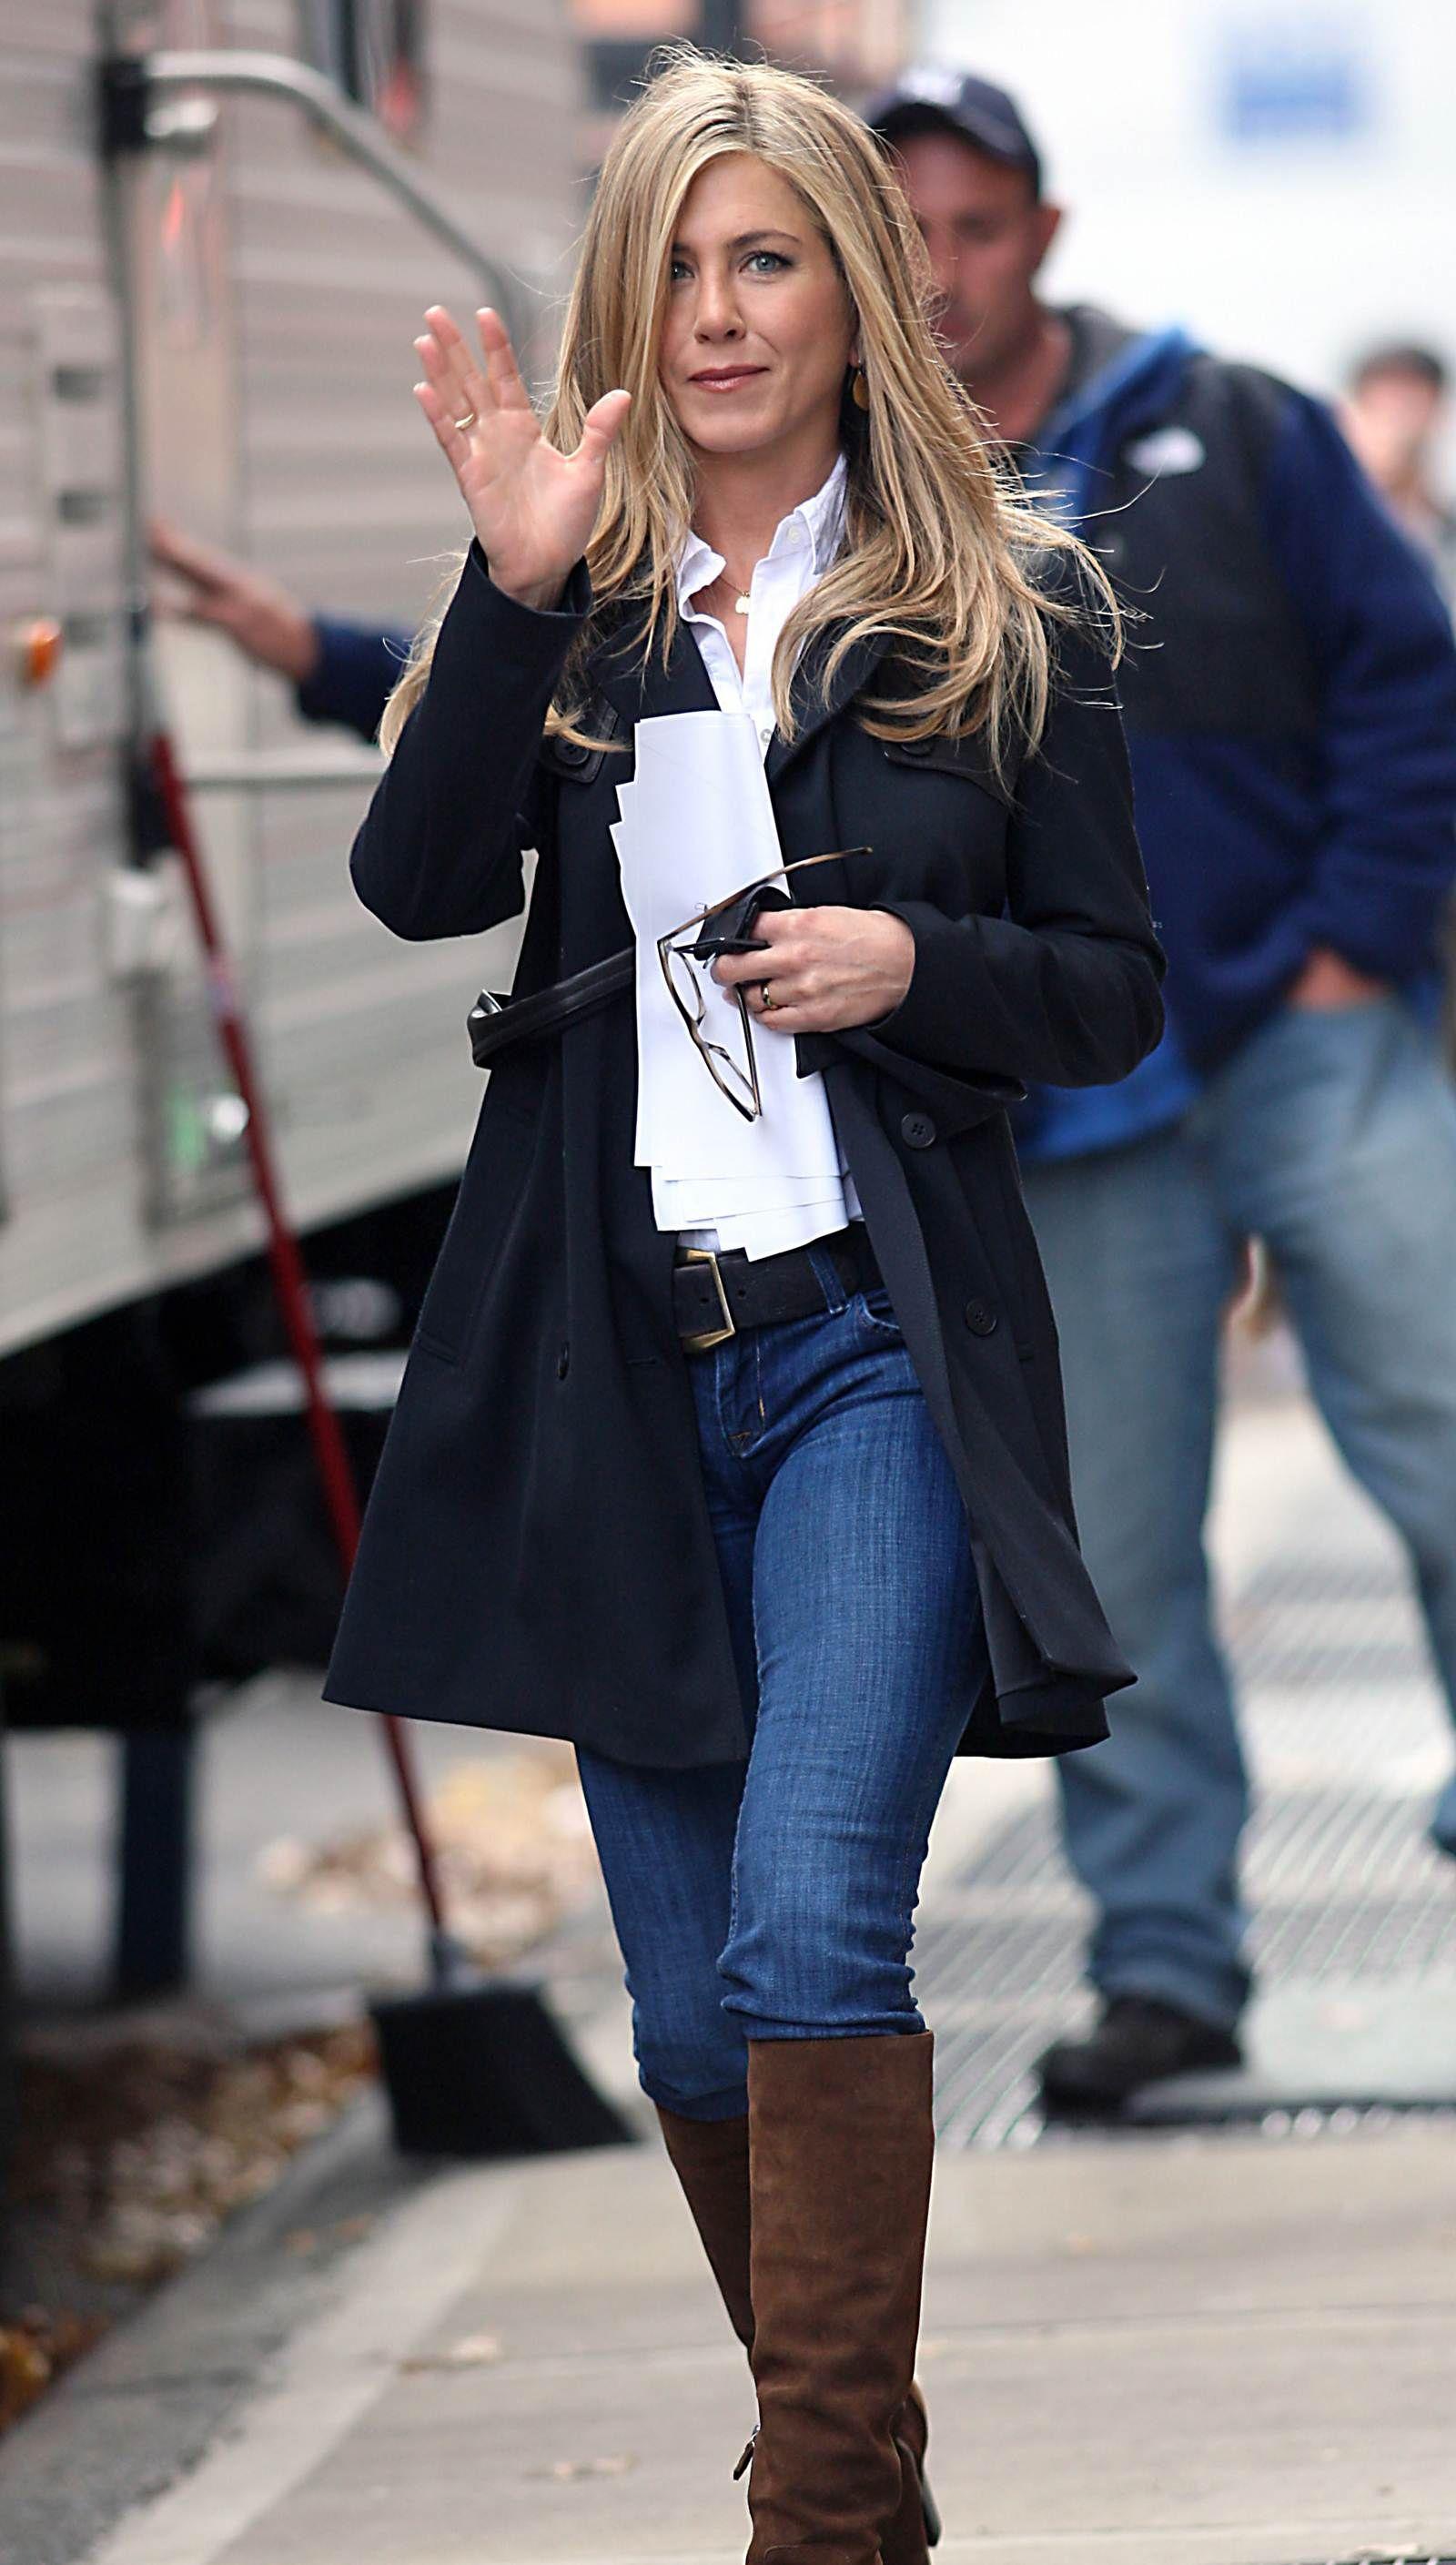 jennifer aniston casual | Fashion | Jennifer aniston style ...